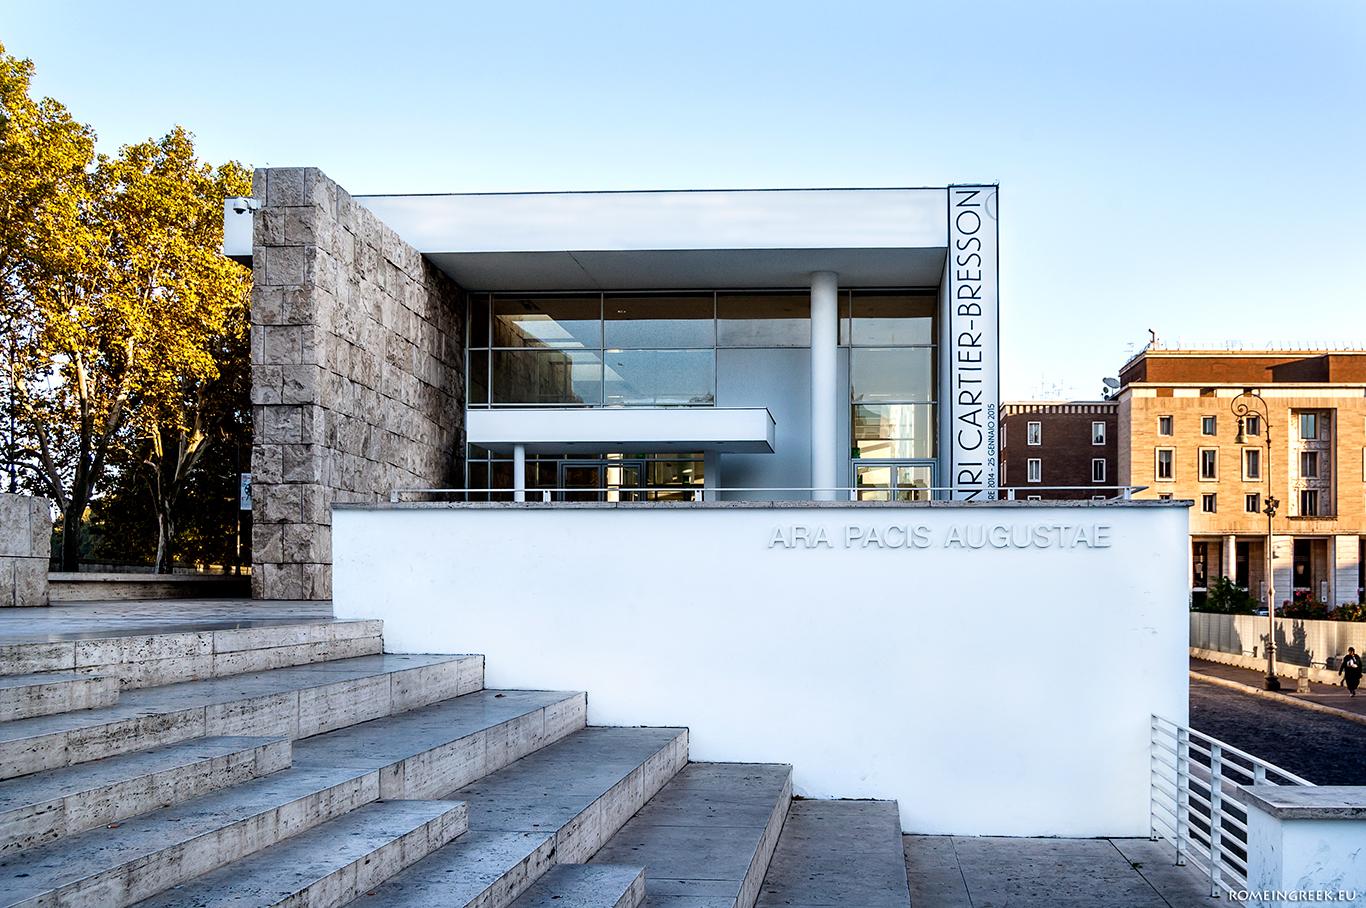 Μουσείο Άρα Πάκις